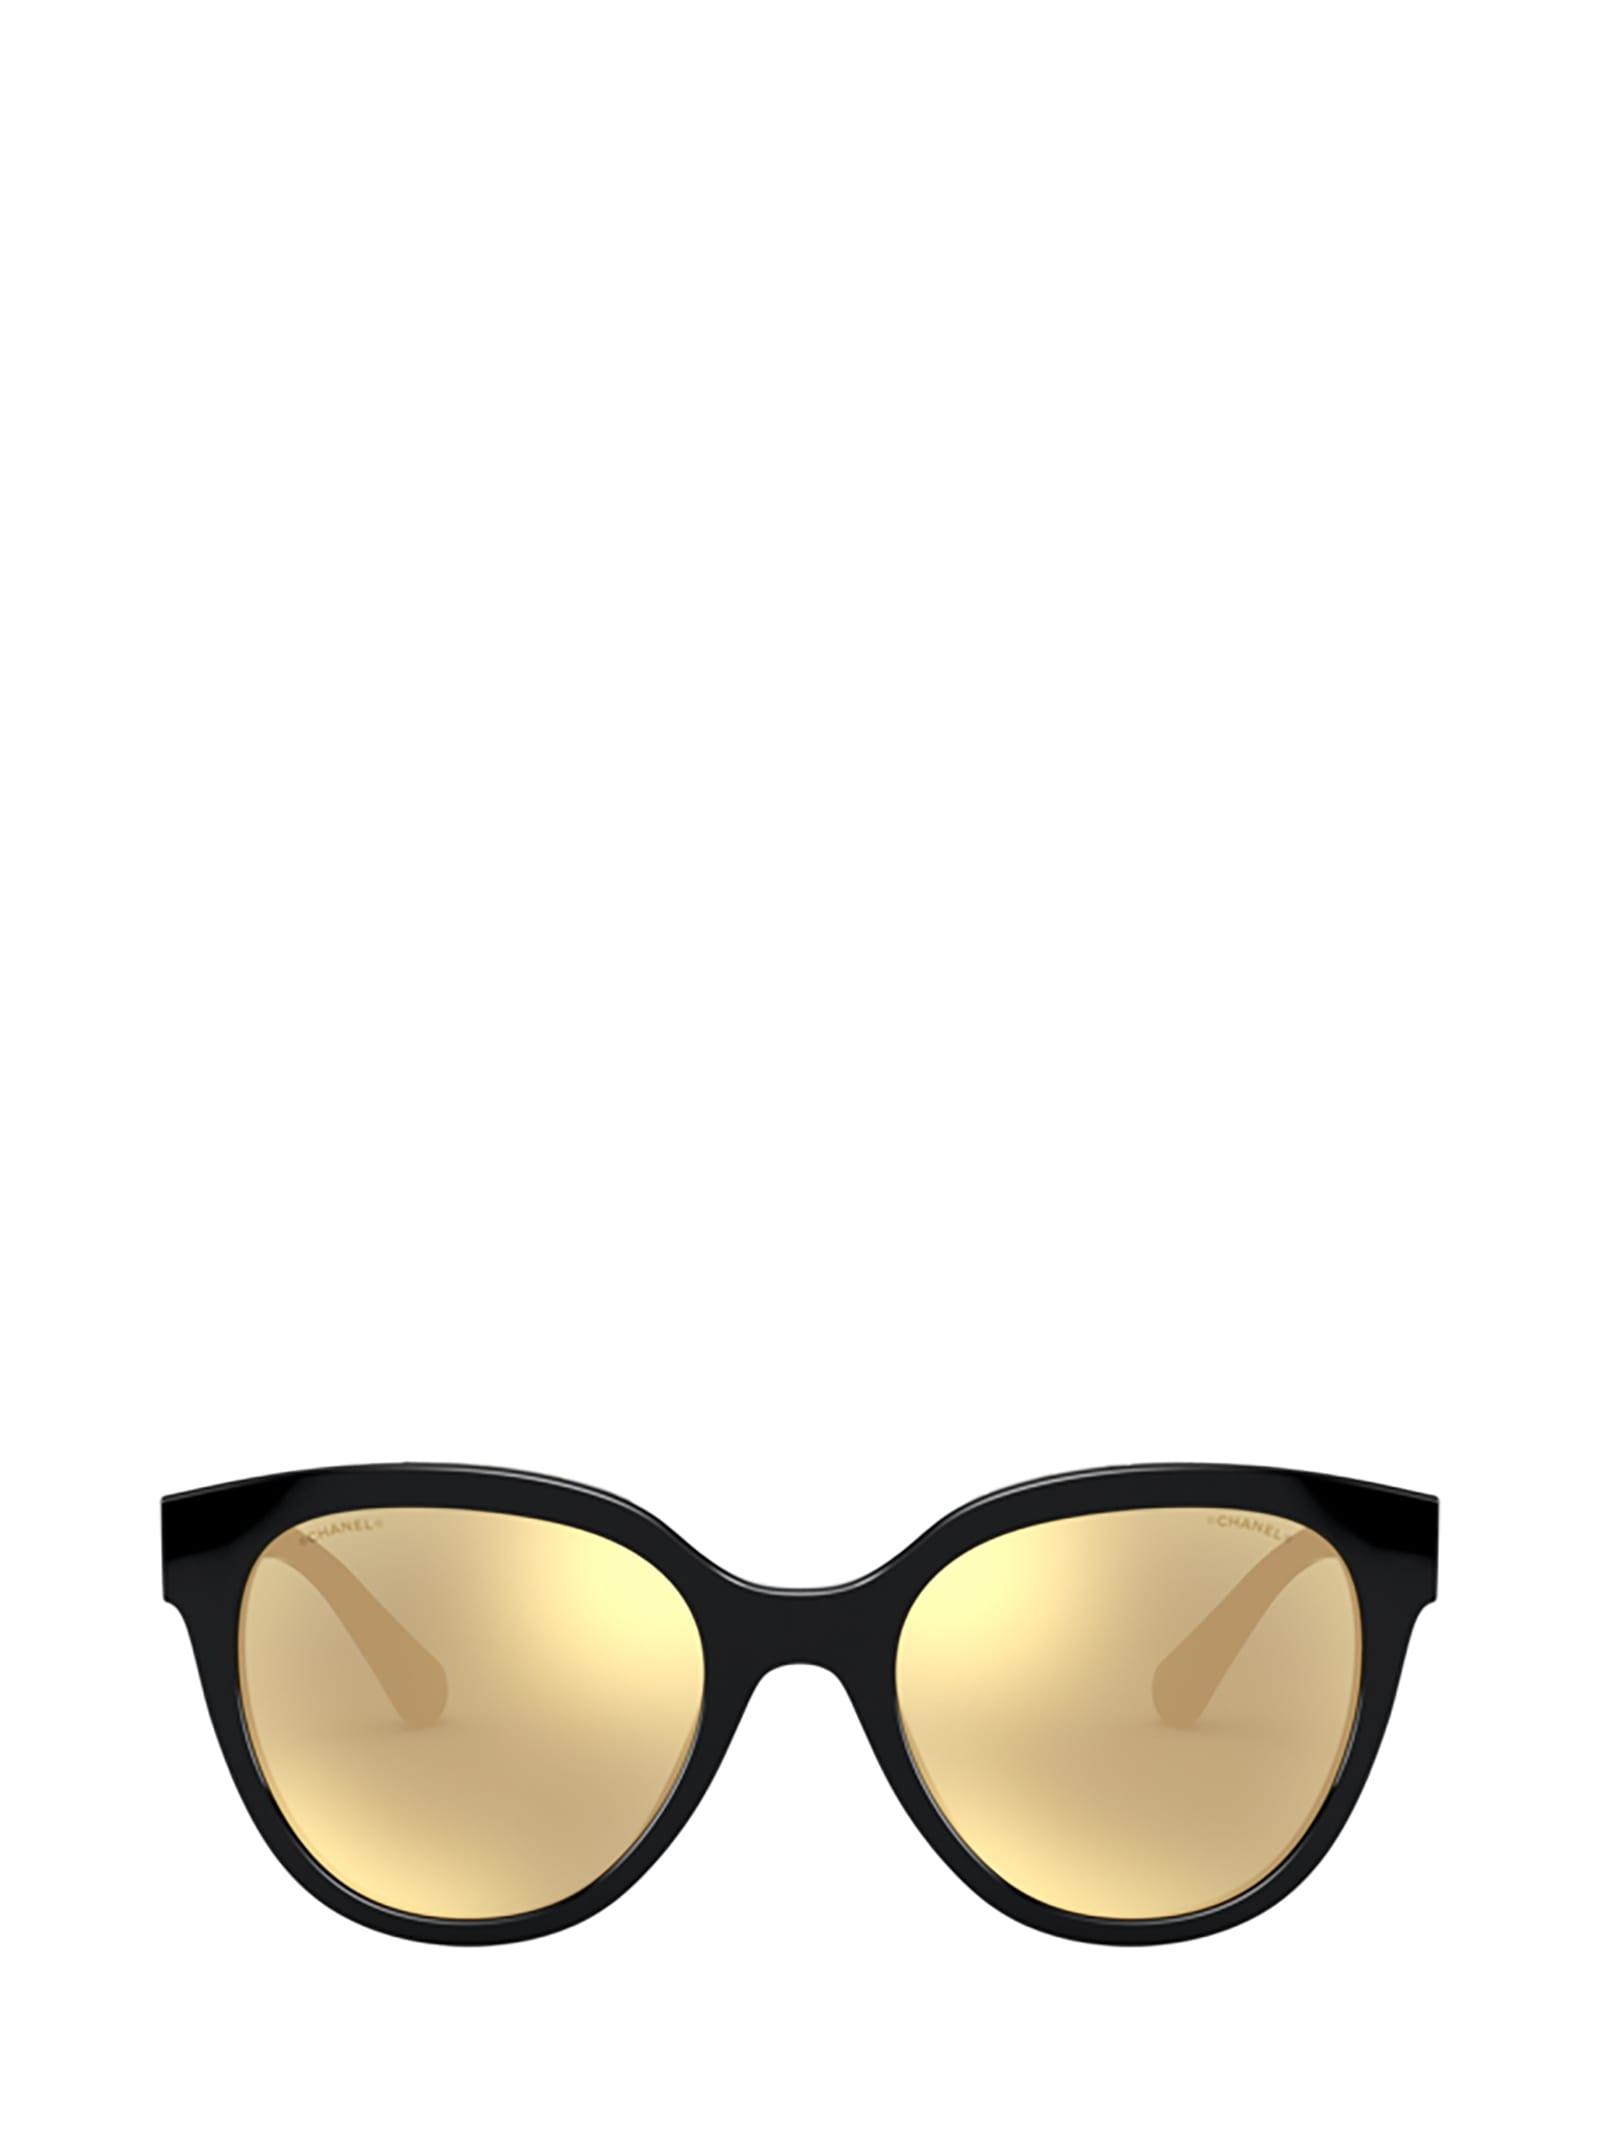 Chanel Chanel Ch5414 Black Sunglasses